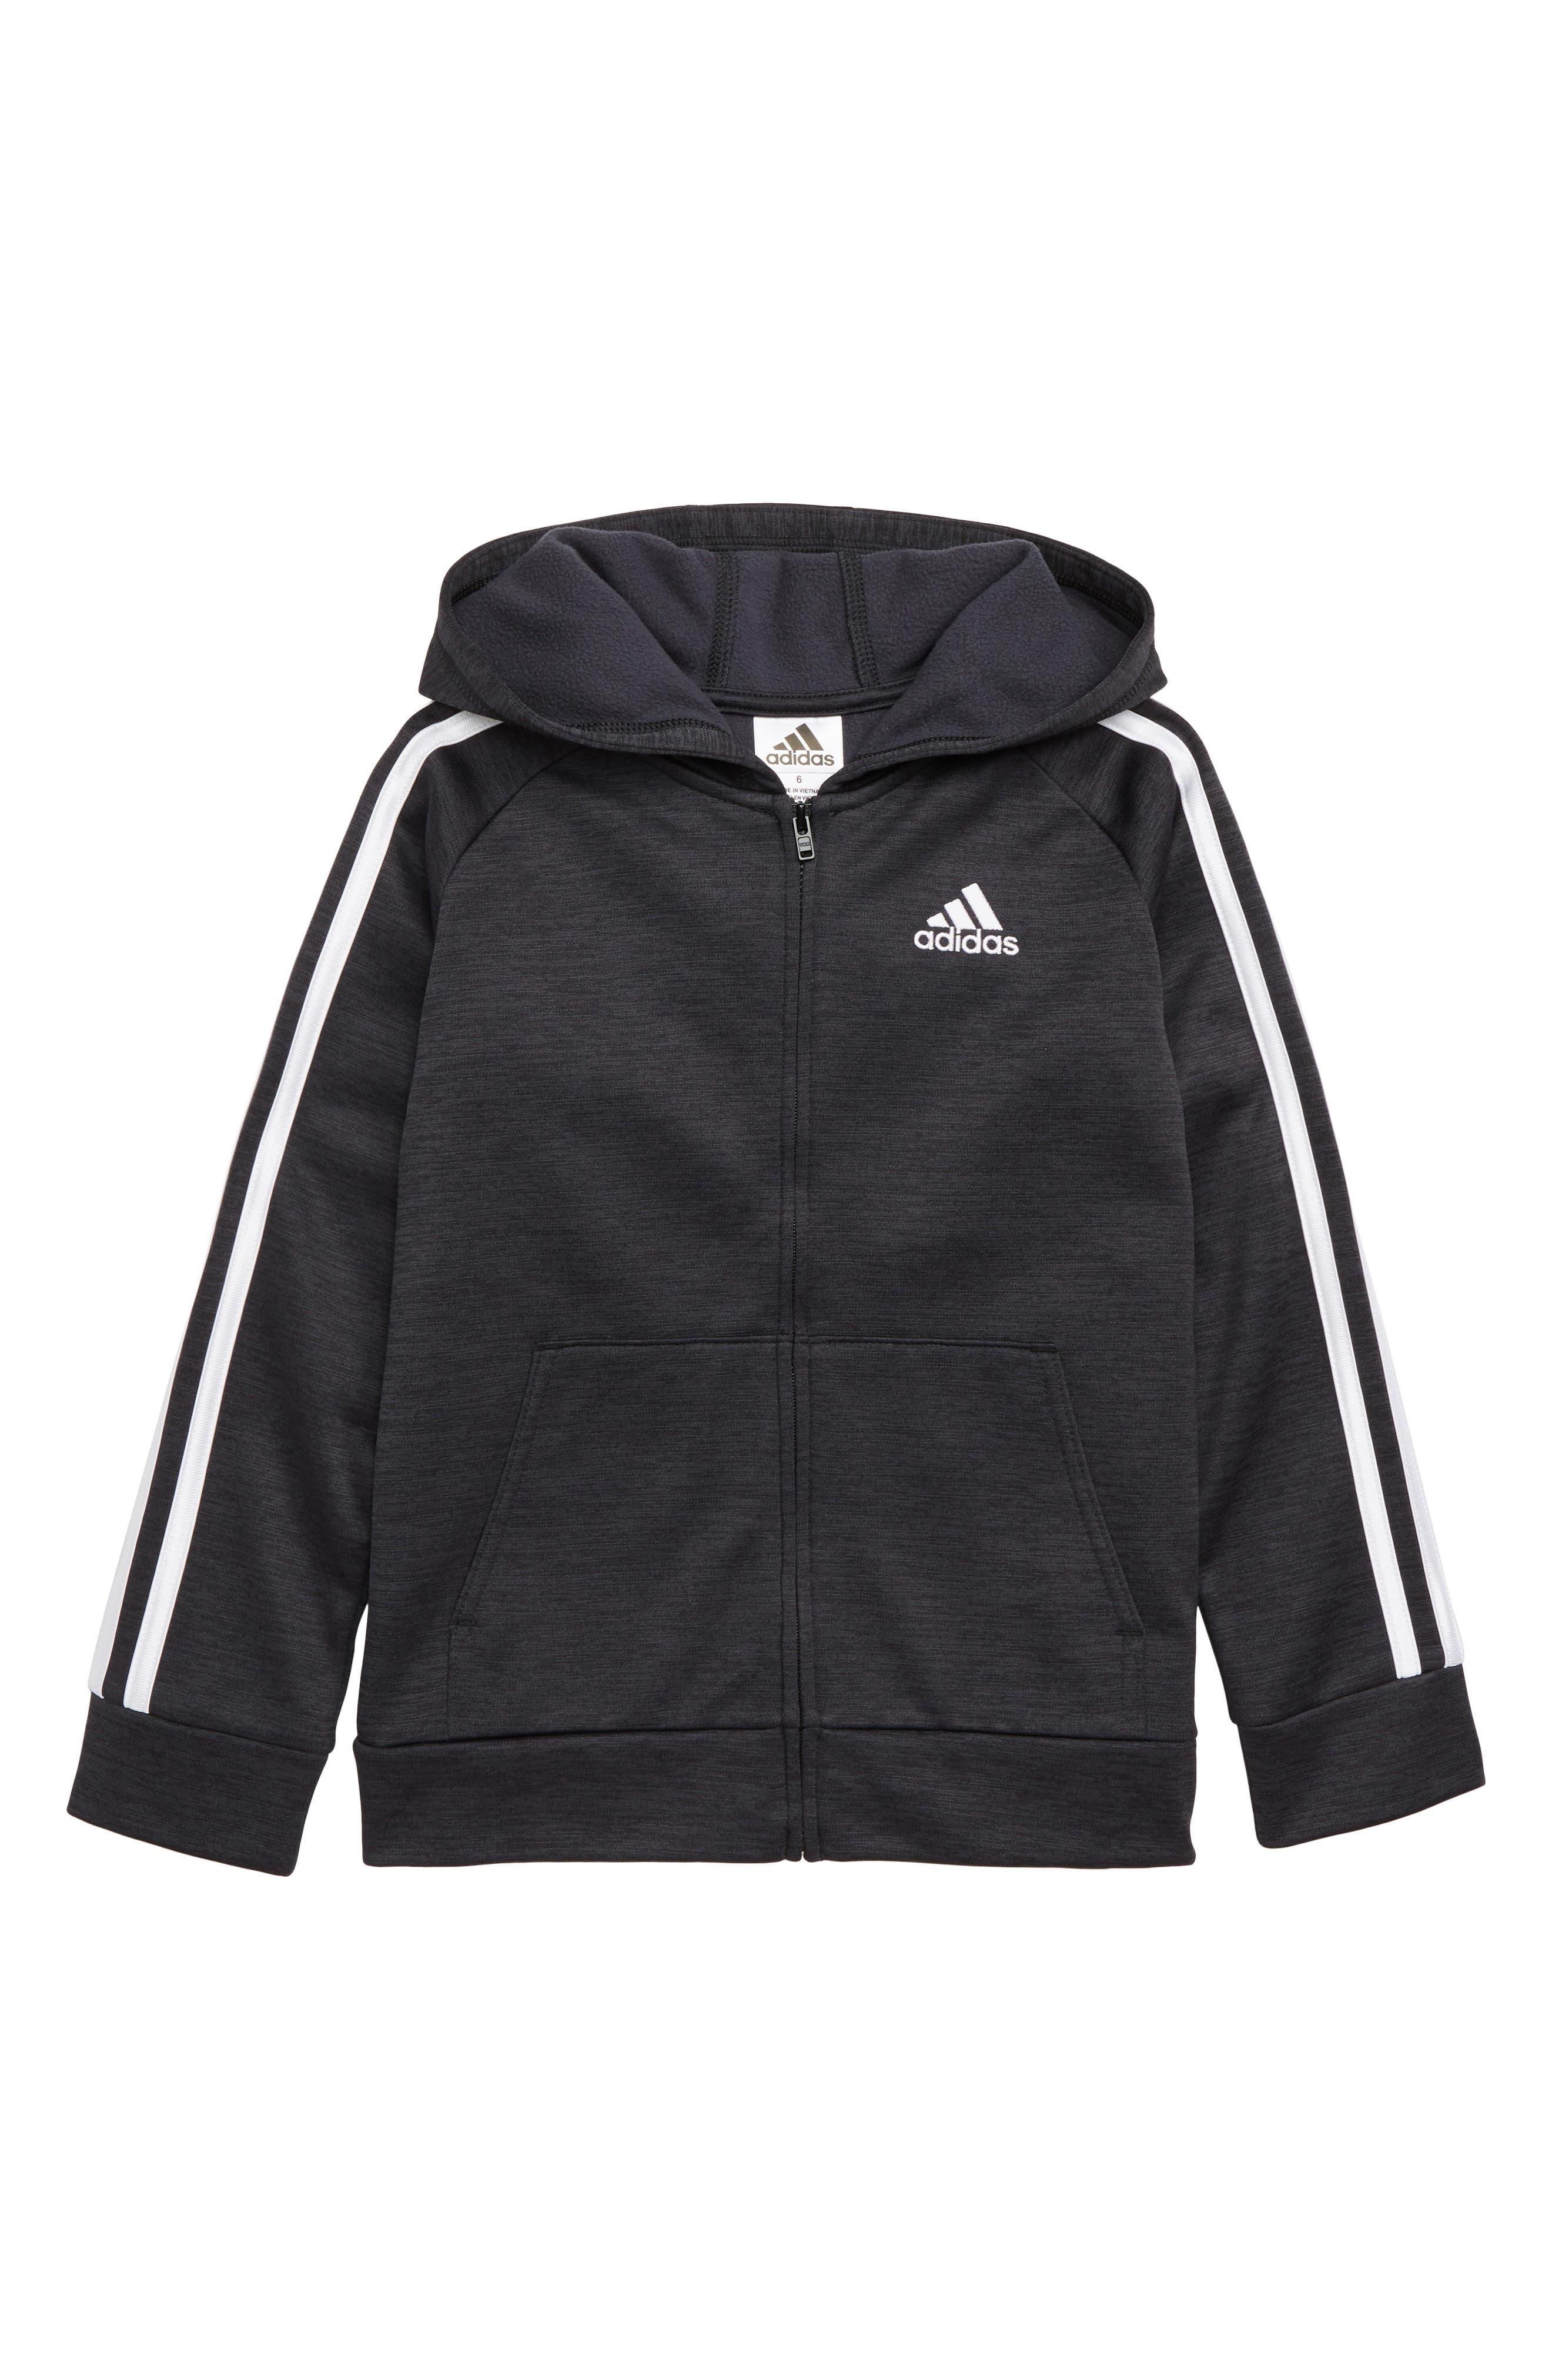 Toddler Boys Adidas Indicator 18 Hooded Jacket Size 4T  Blue